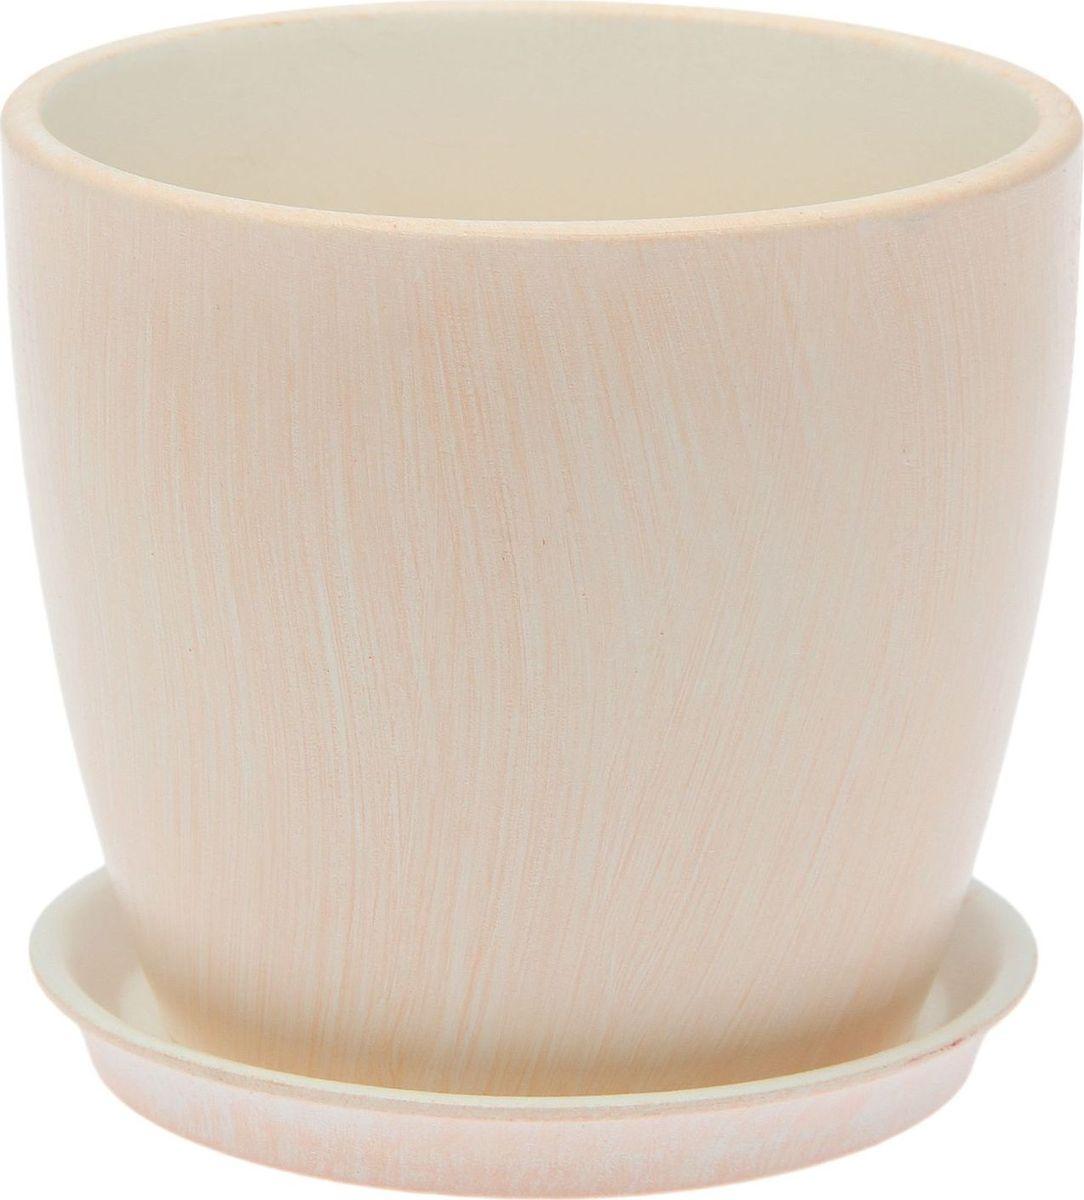 Кашпо Керамика ручной работы Осень. Патина, цвет: лососевый, 1 л1968884Комнатные растения — всеобщие любимцы. Они радуют глаз, насыщают помещение кислородом и украшают пространство. Каждому из них необходим свой удобный и красивый дом. Кашпо из керамики прекрасно подходят для высадки растений: за счёт пластичности глины и разных способов обработки существует великое множество форм и дизайновпористый материал позволяет испаряться лишней влагевоздух, необходимый для дыхания корней, проникает сквозь керамические стенки! #name# позаботится о зелёном питомце, освежит интерьер и подчеркнёт его стиль.